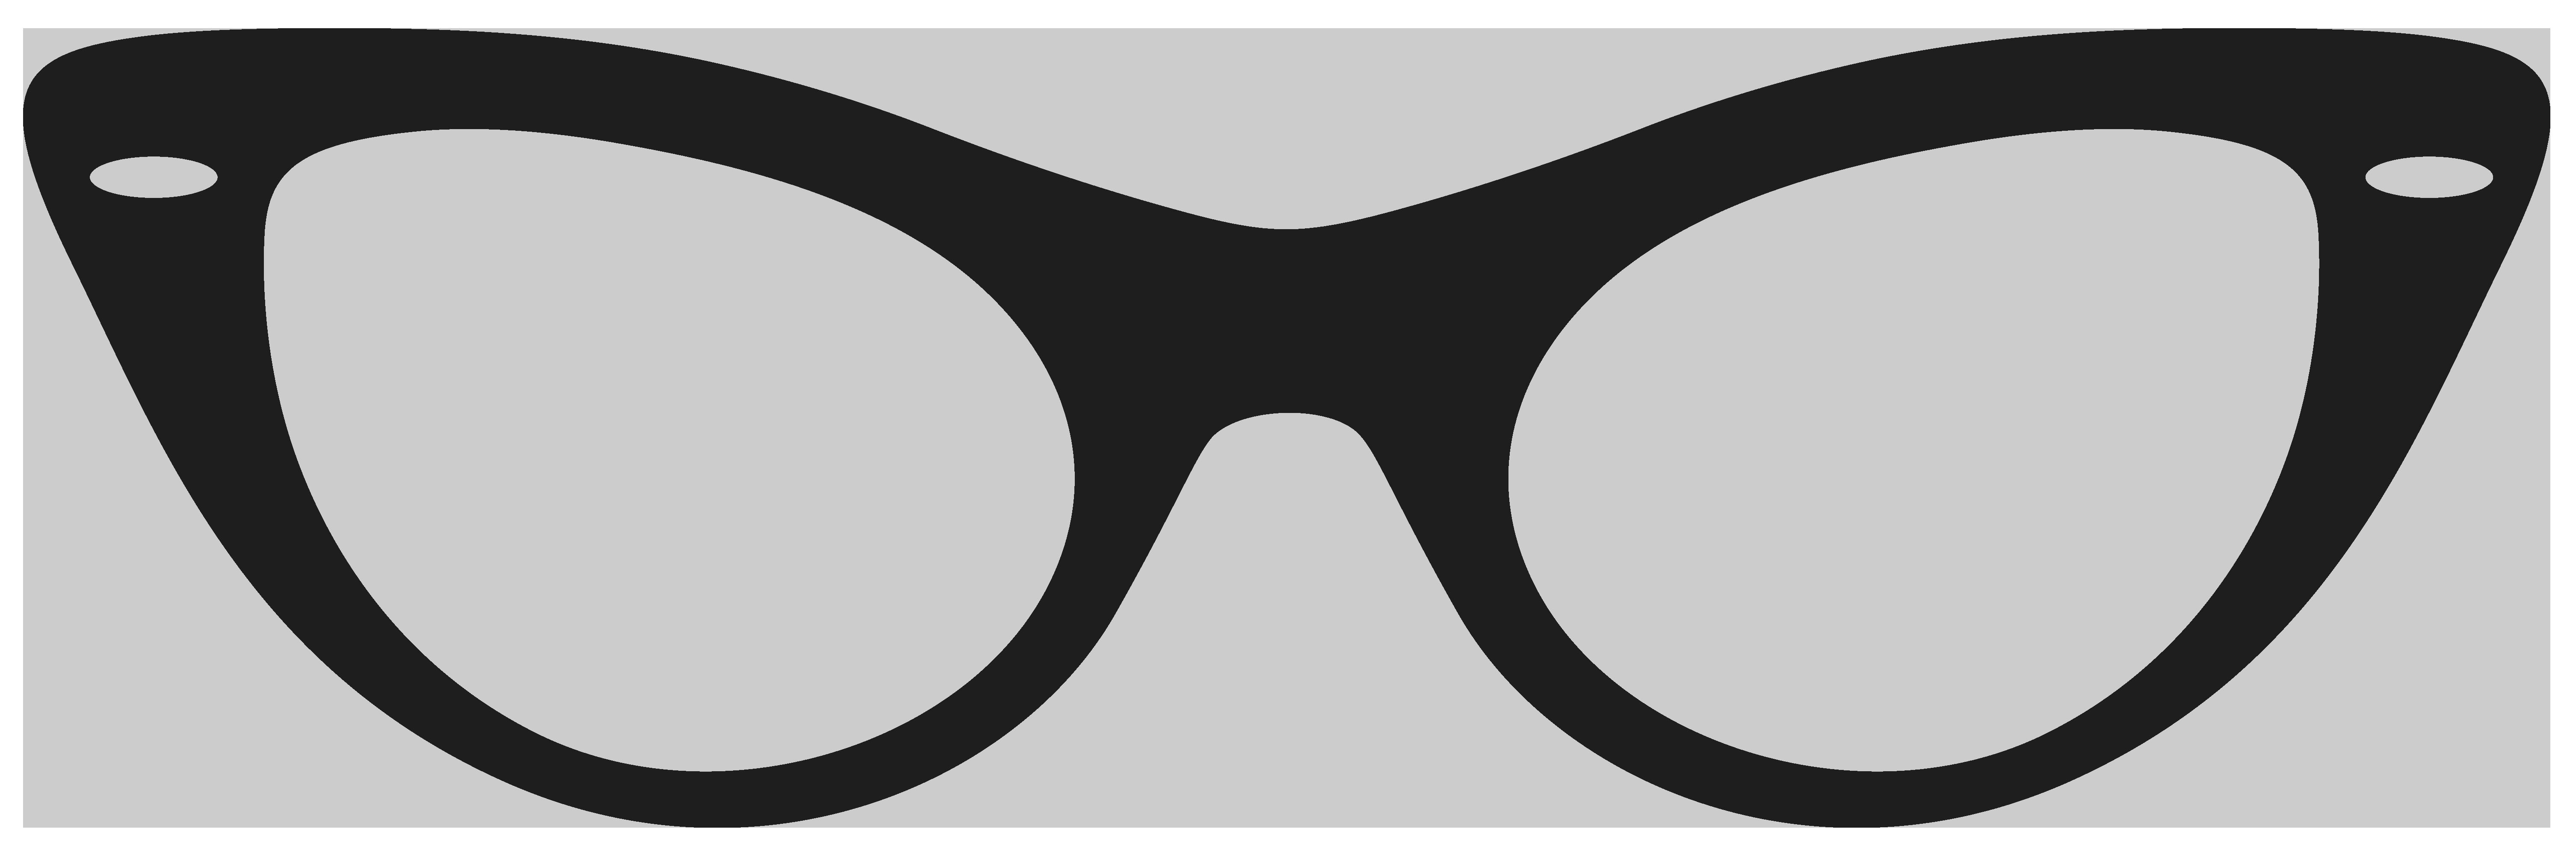 6023x2014 Goggles Clipart Transparent